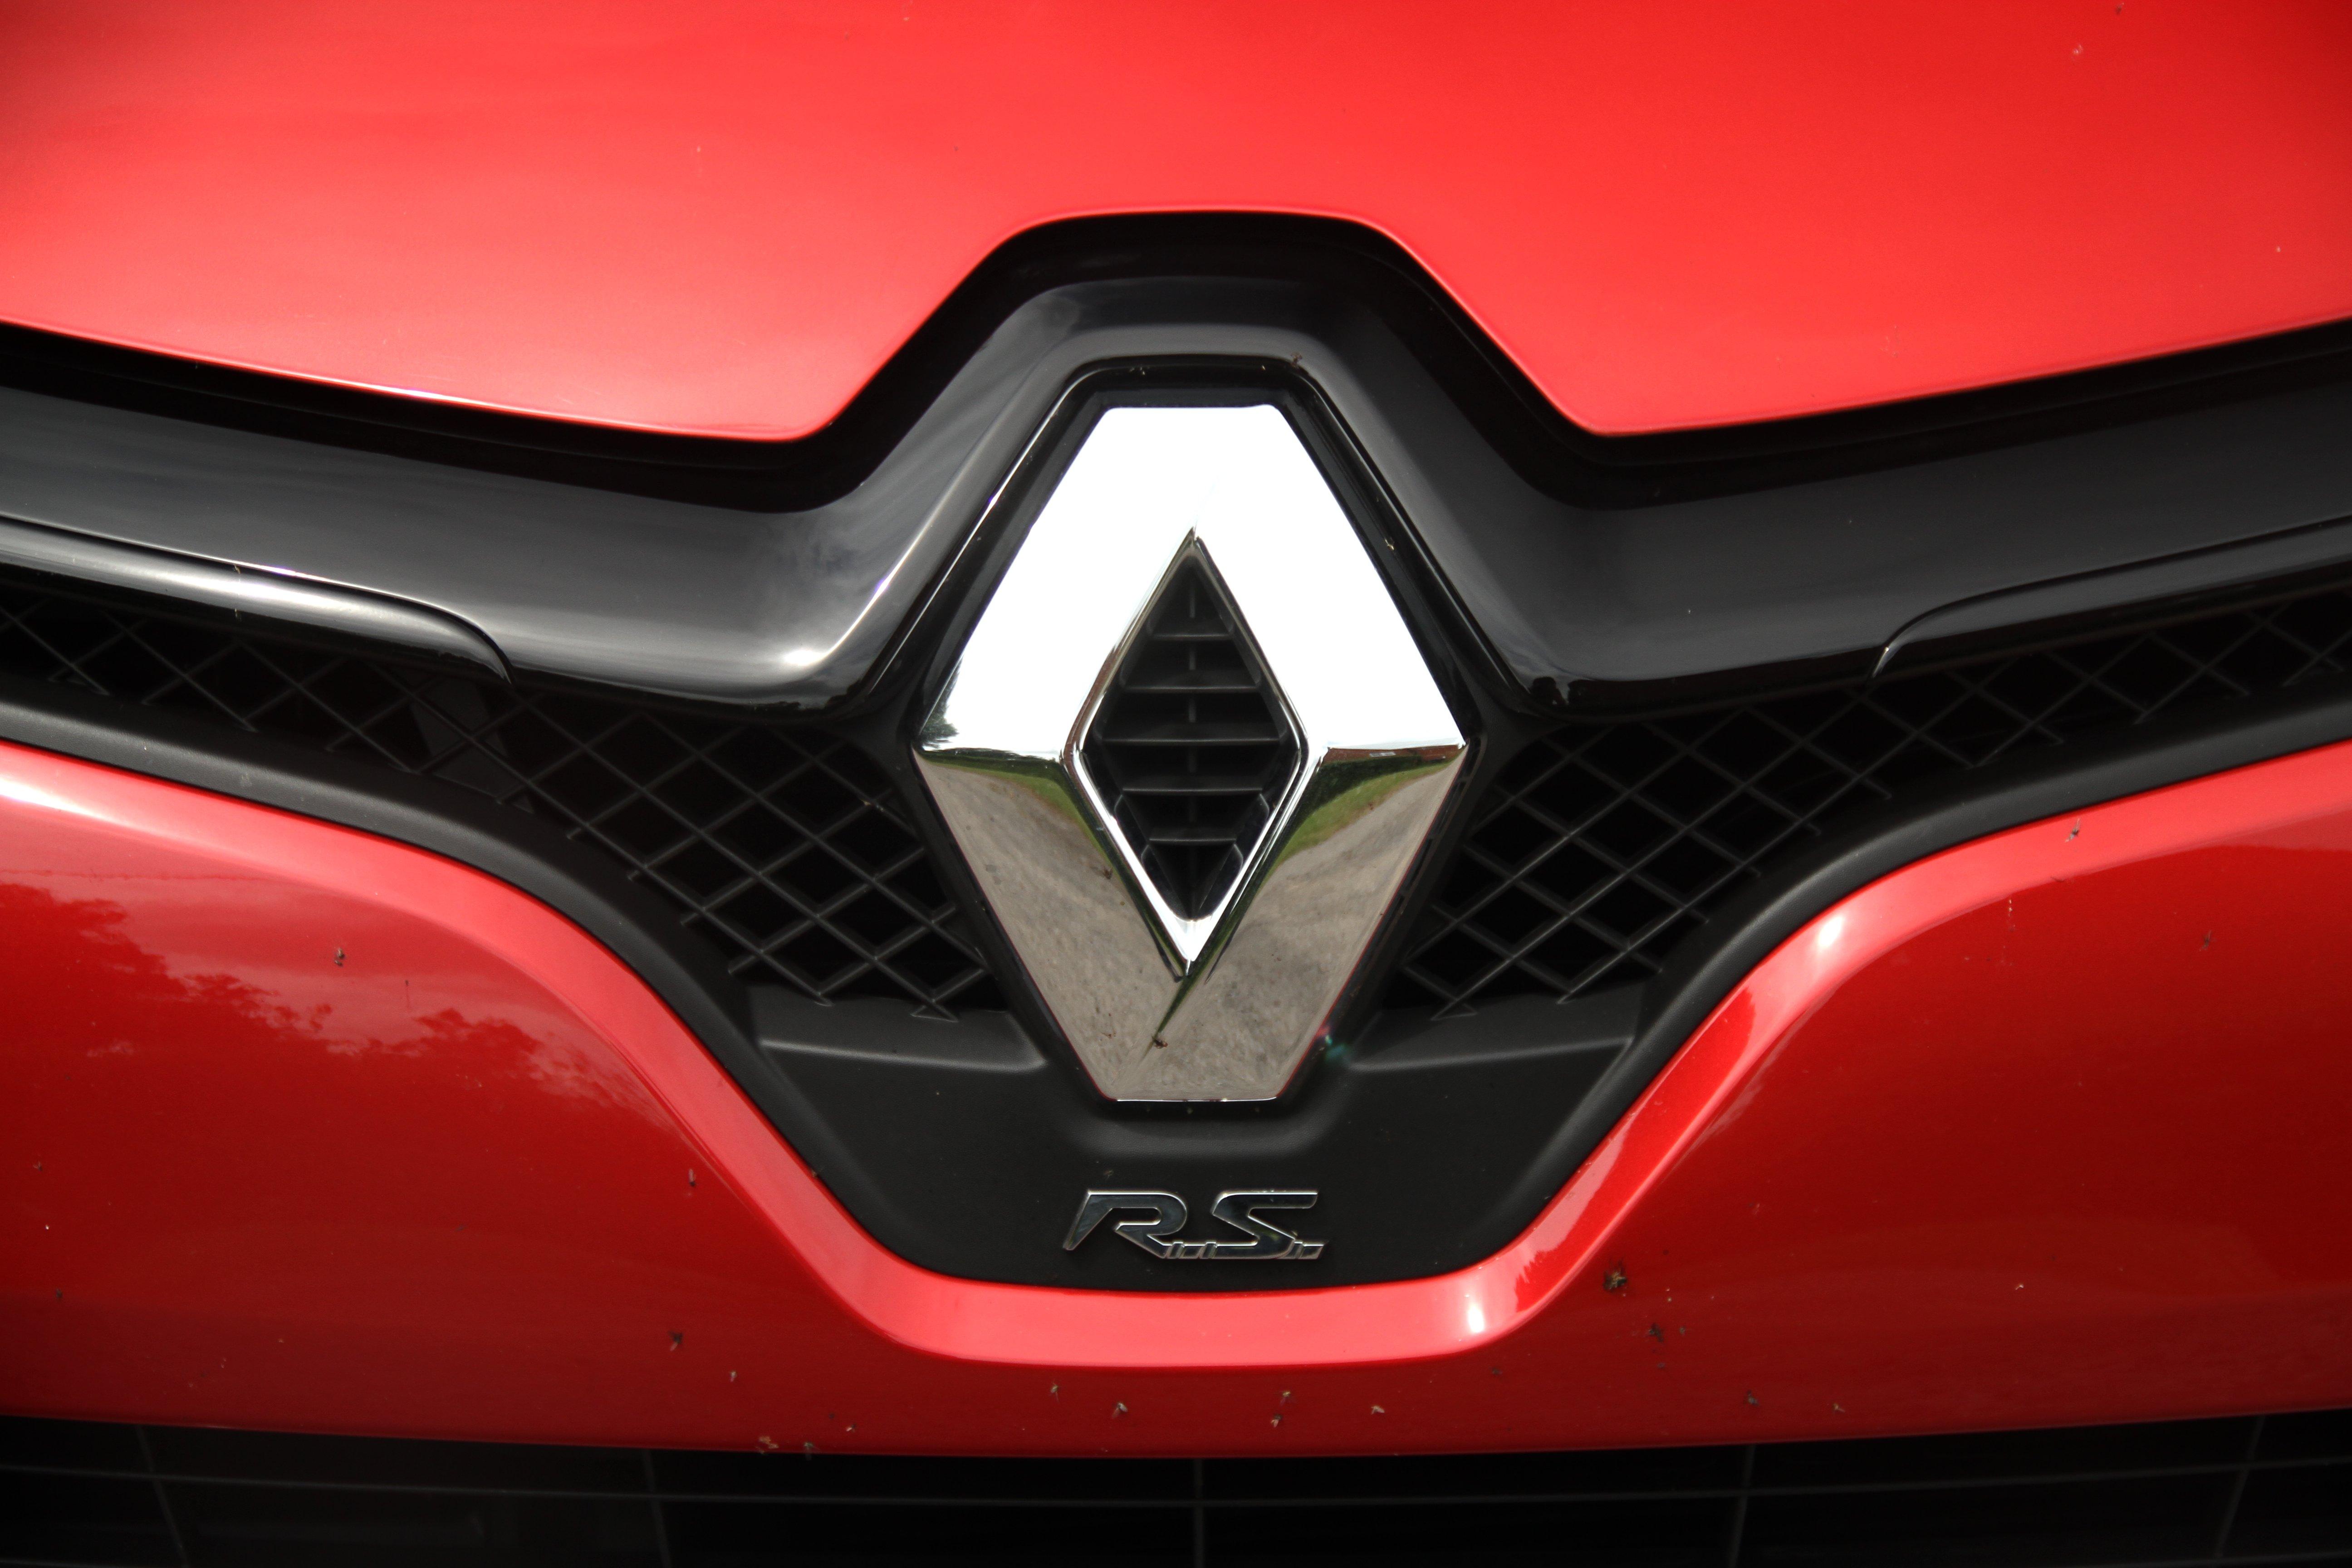 Audi r8 v10 manual 060 8